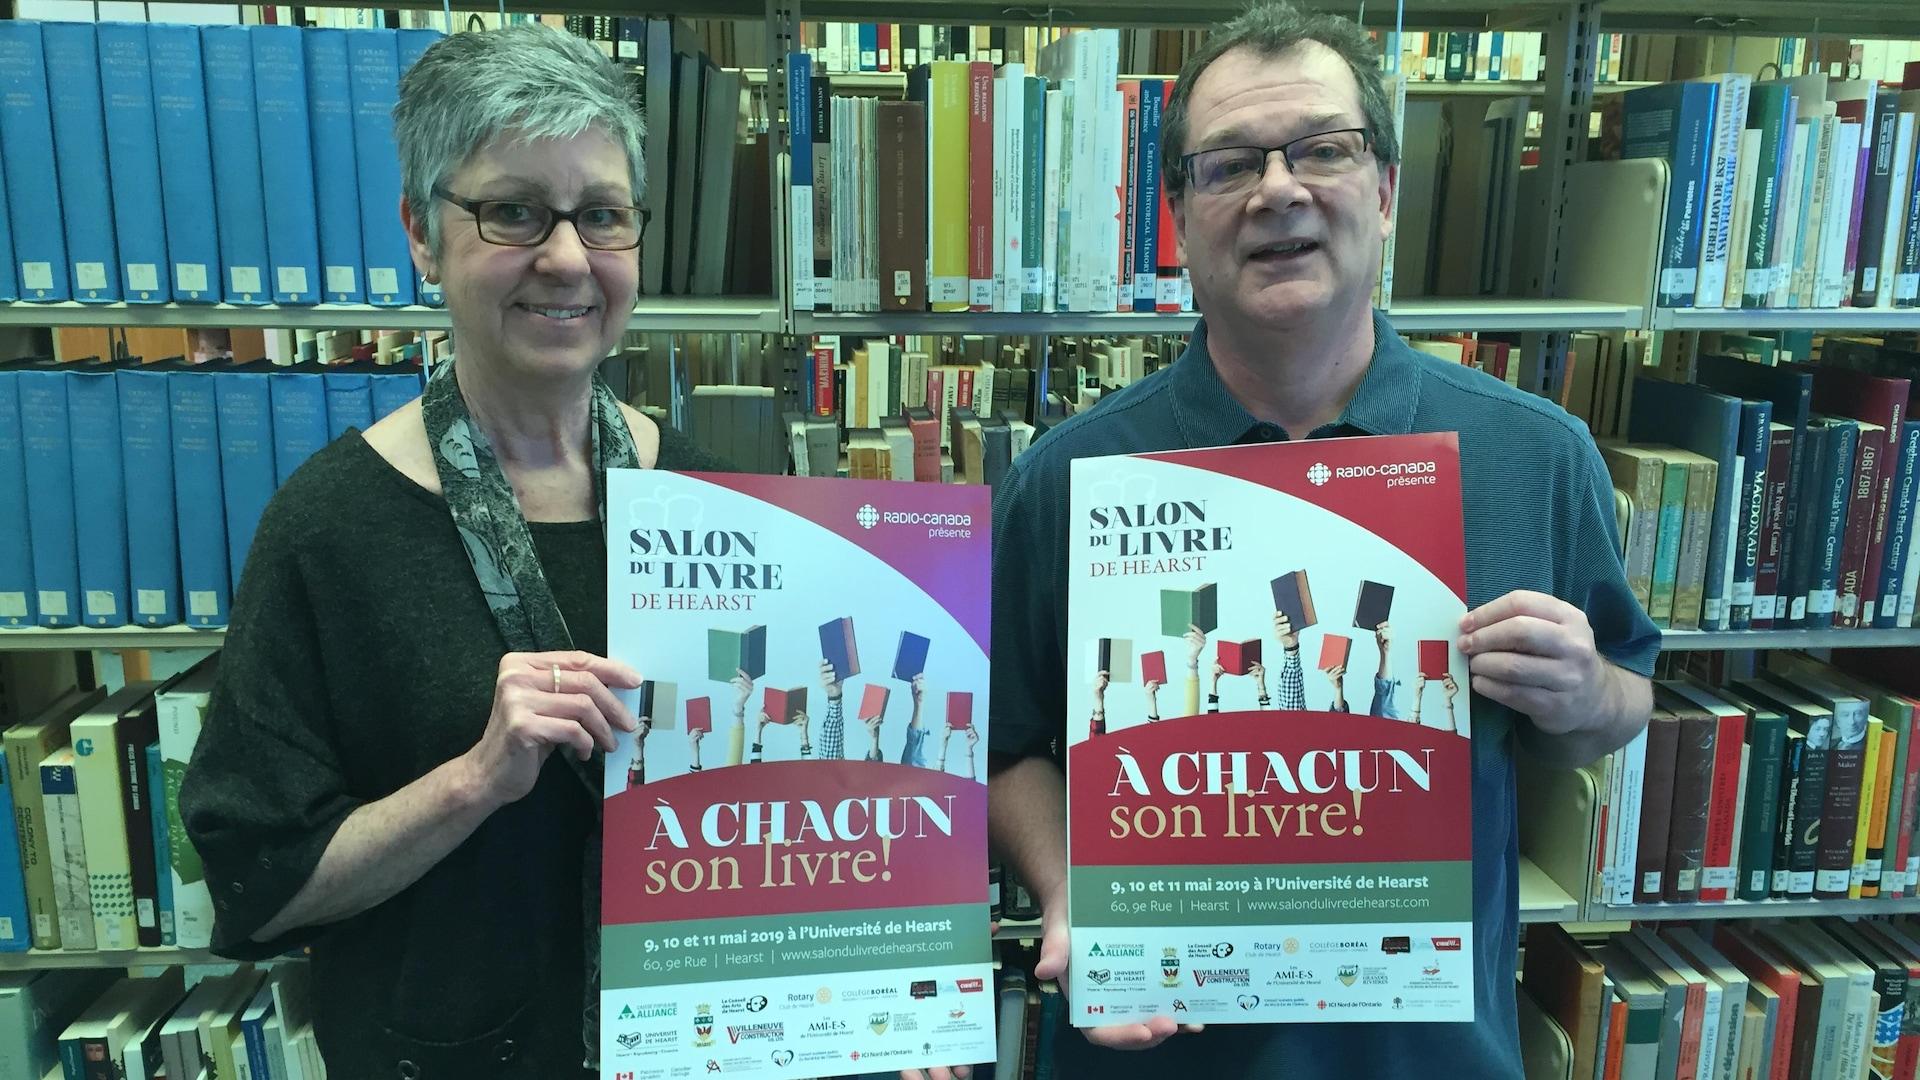 Suzanne Rheault et Jean-Pierre Boutin du Salon du livre de Hearst.